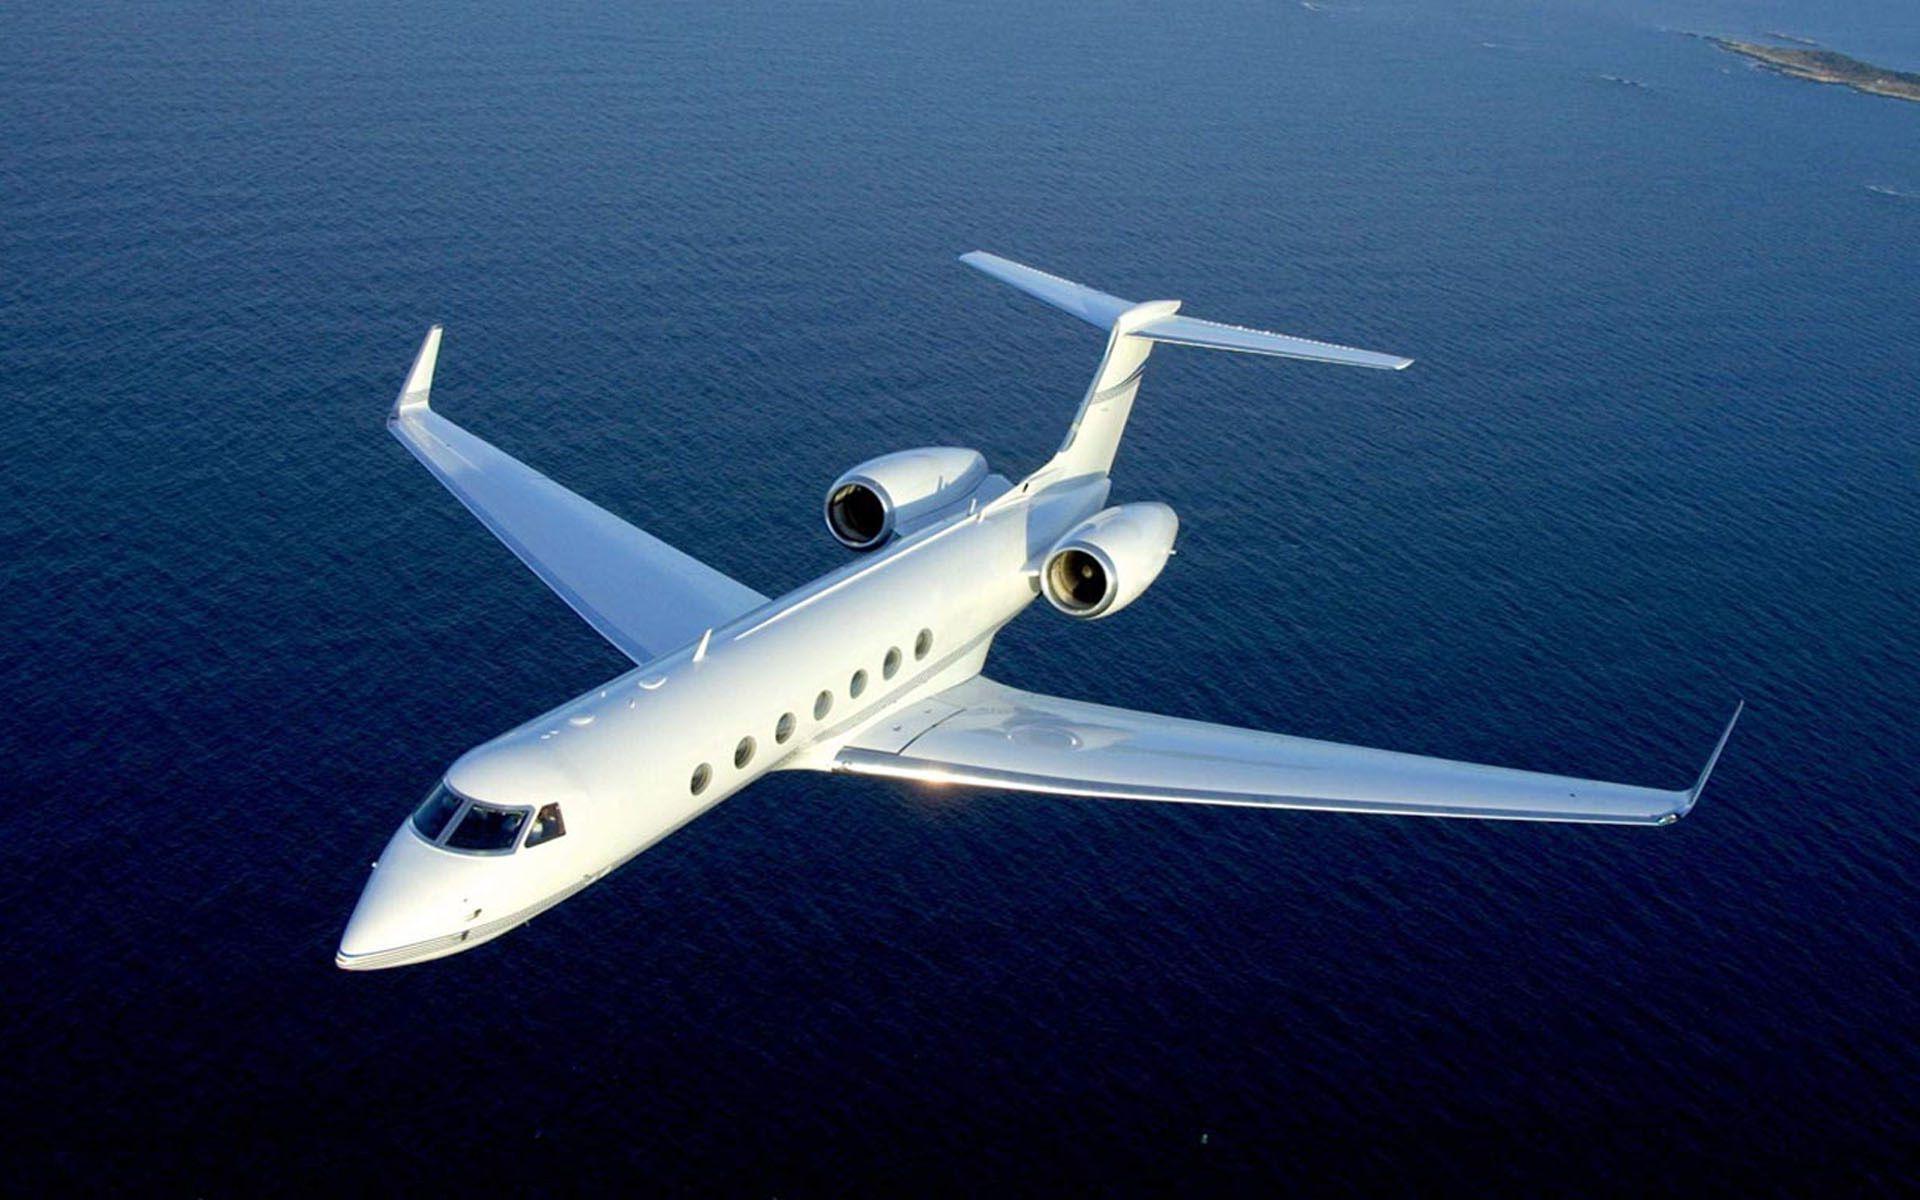 Gulfstream-350-G350-ext-1-1.jpg